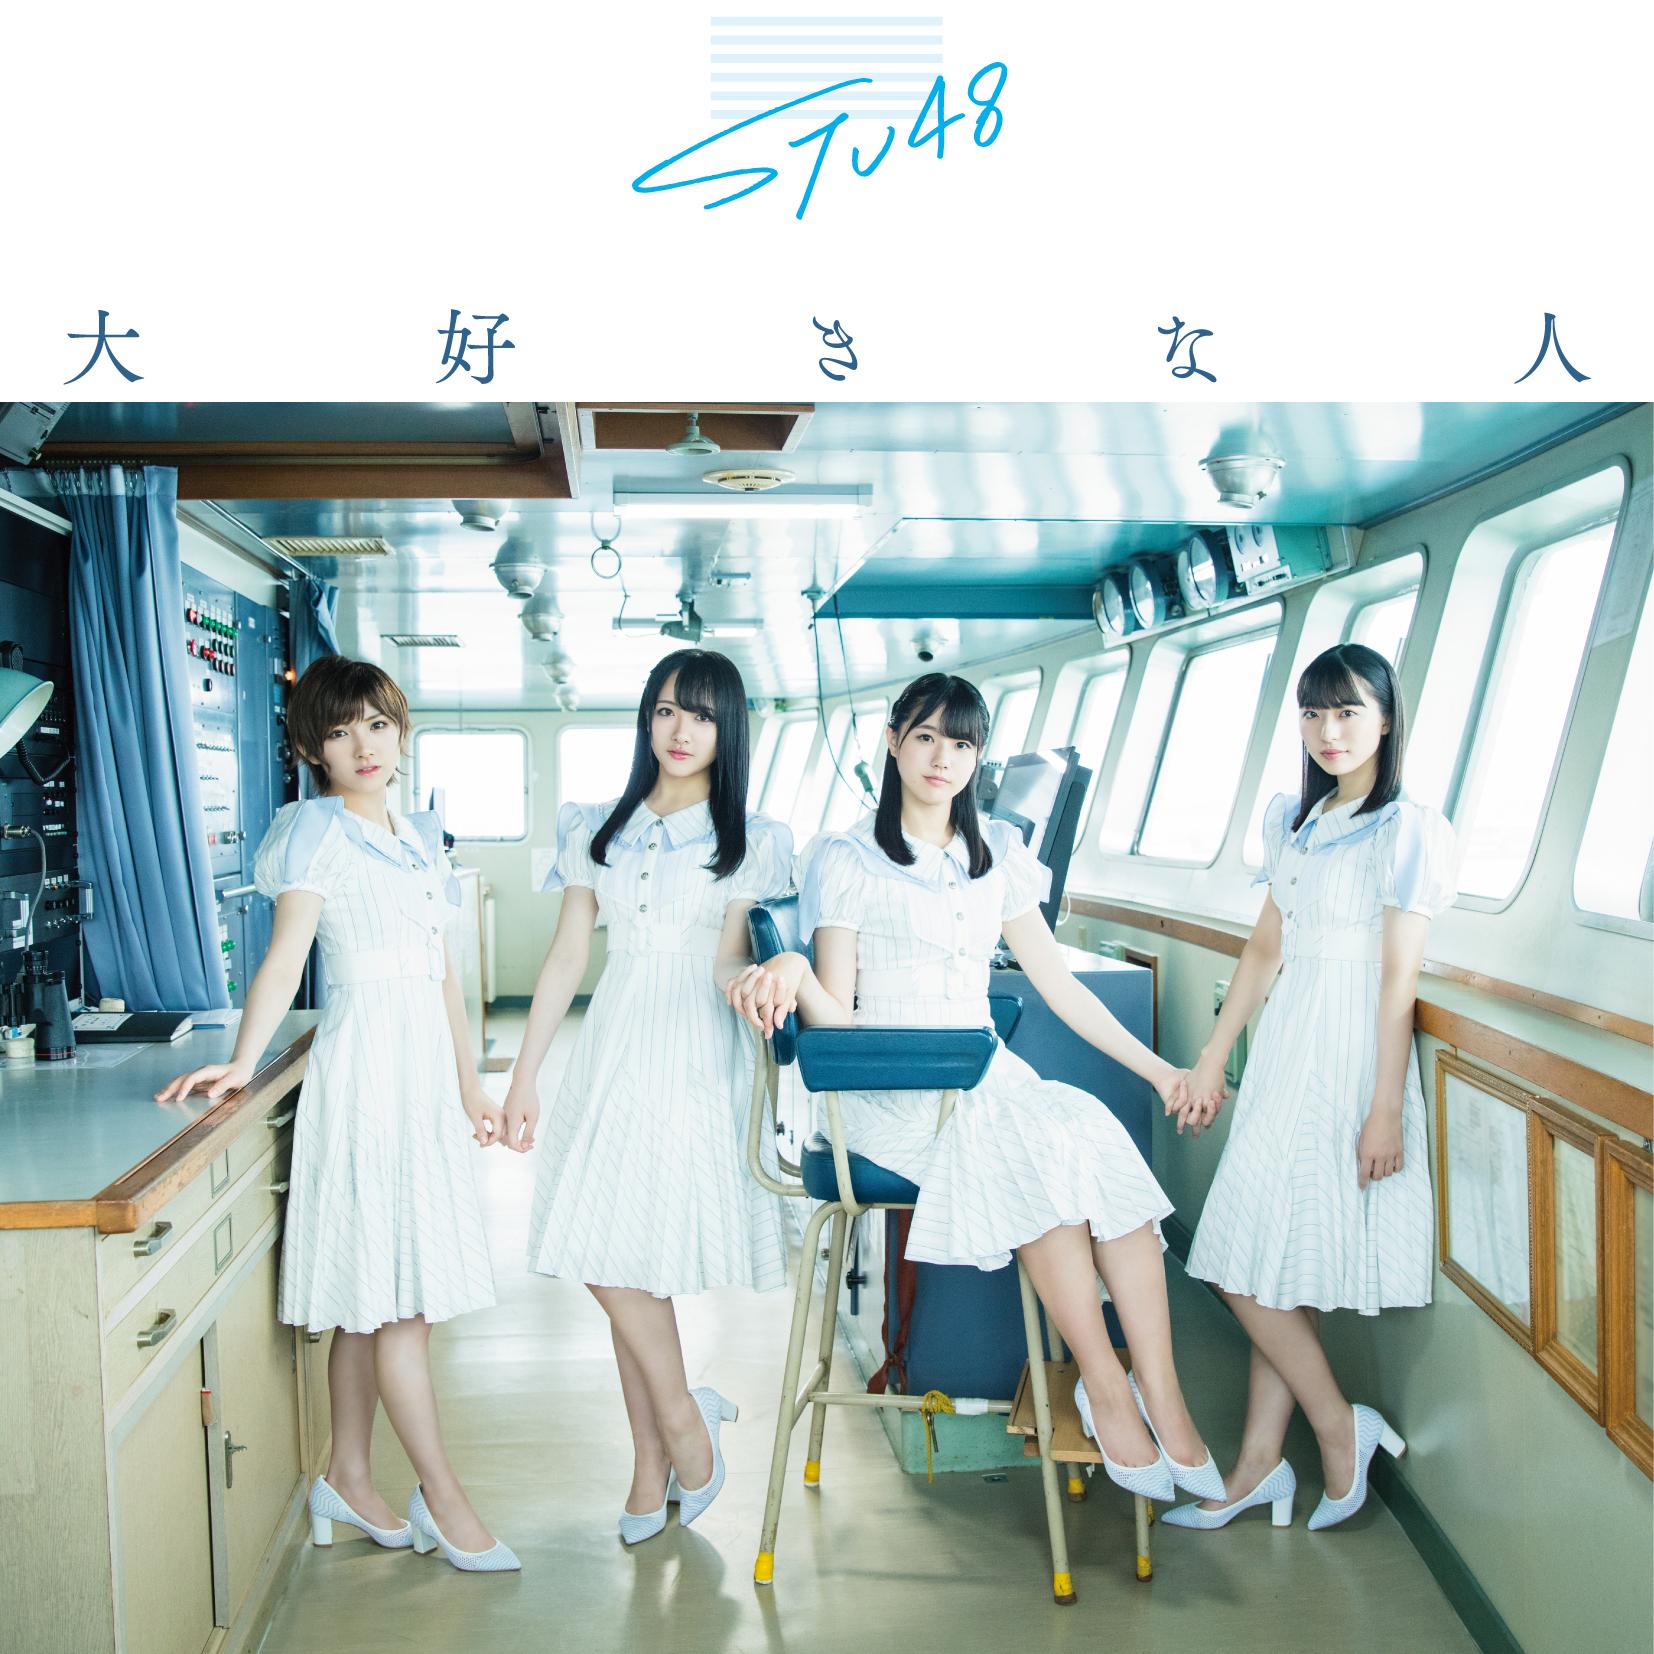 STU48 瀬戸内エリアを拠点に活動しているアイドルの日本初となる試みとは!?